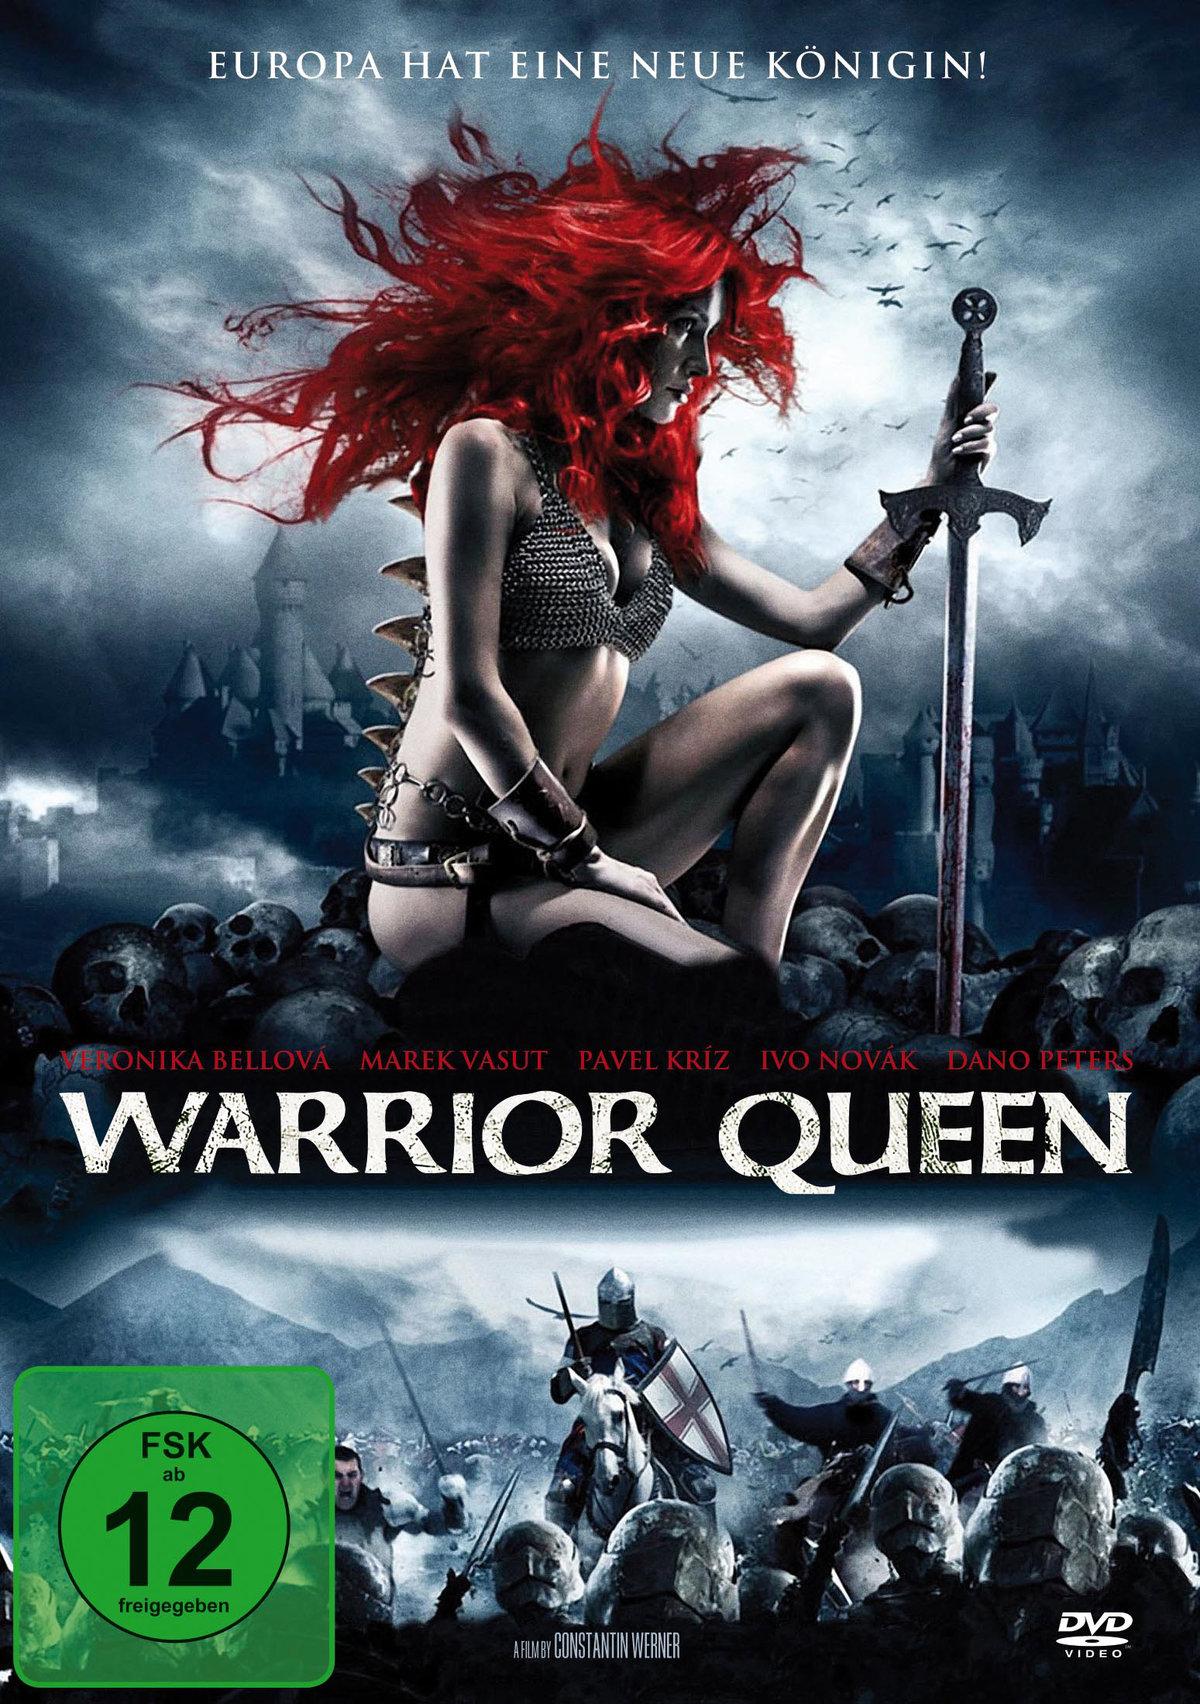 Bild Warrior Queen (2009) - Europa hat eine neue Königin!